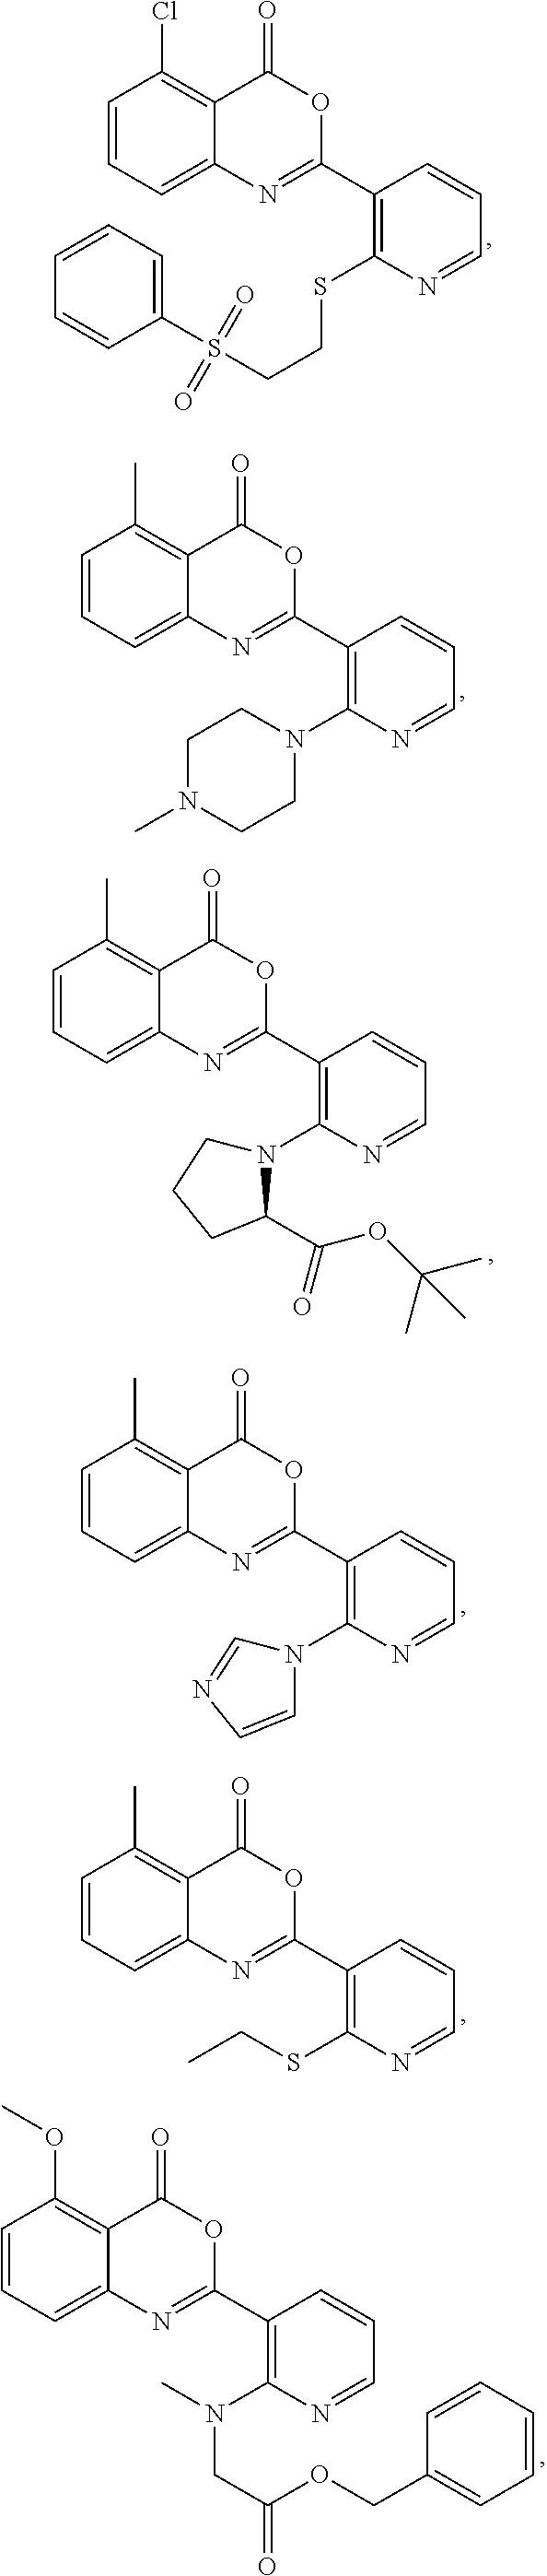 Figure US07879846-20110201-C00028